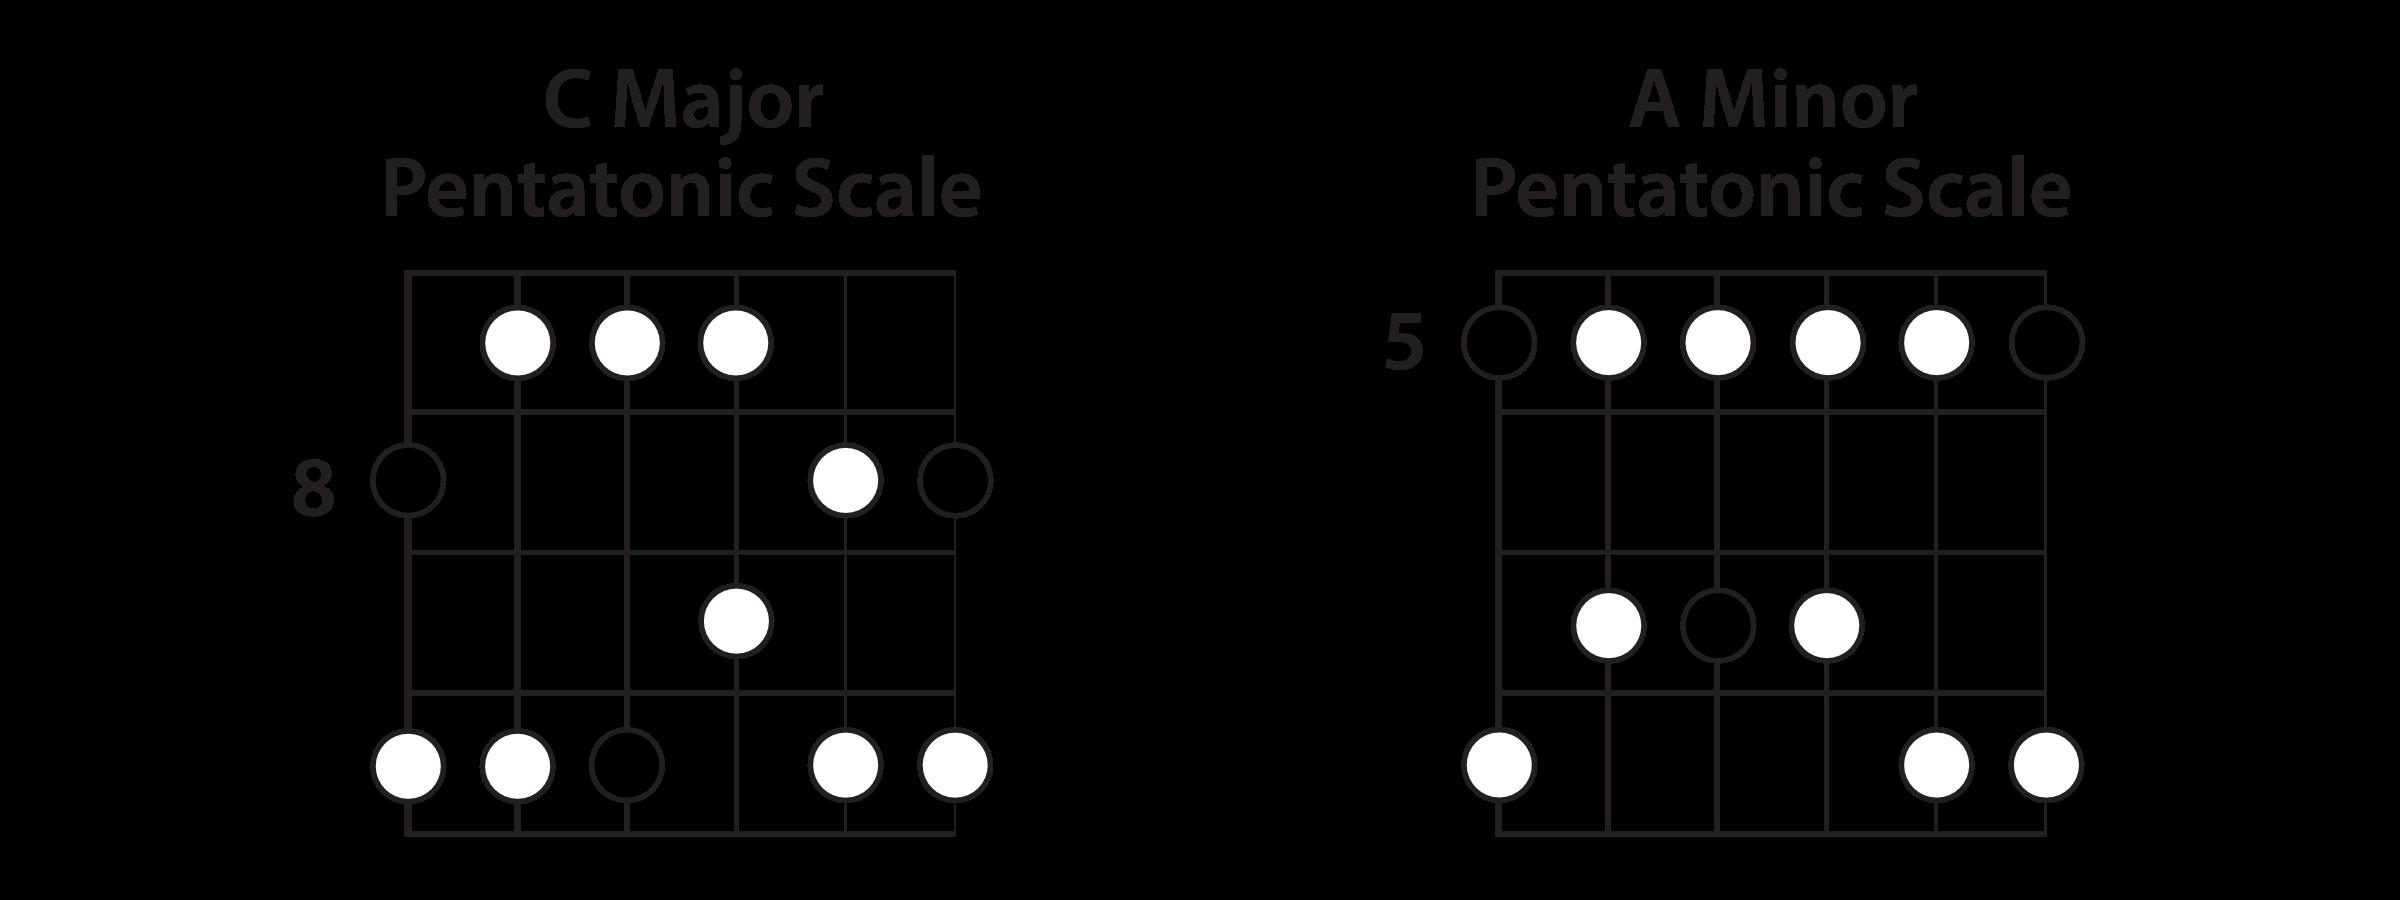 C Major & A Minor Pentatonic Scales